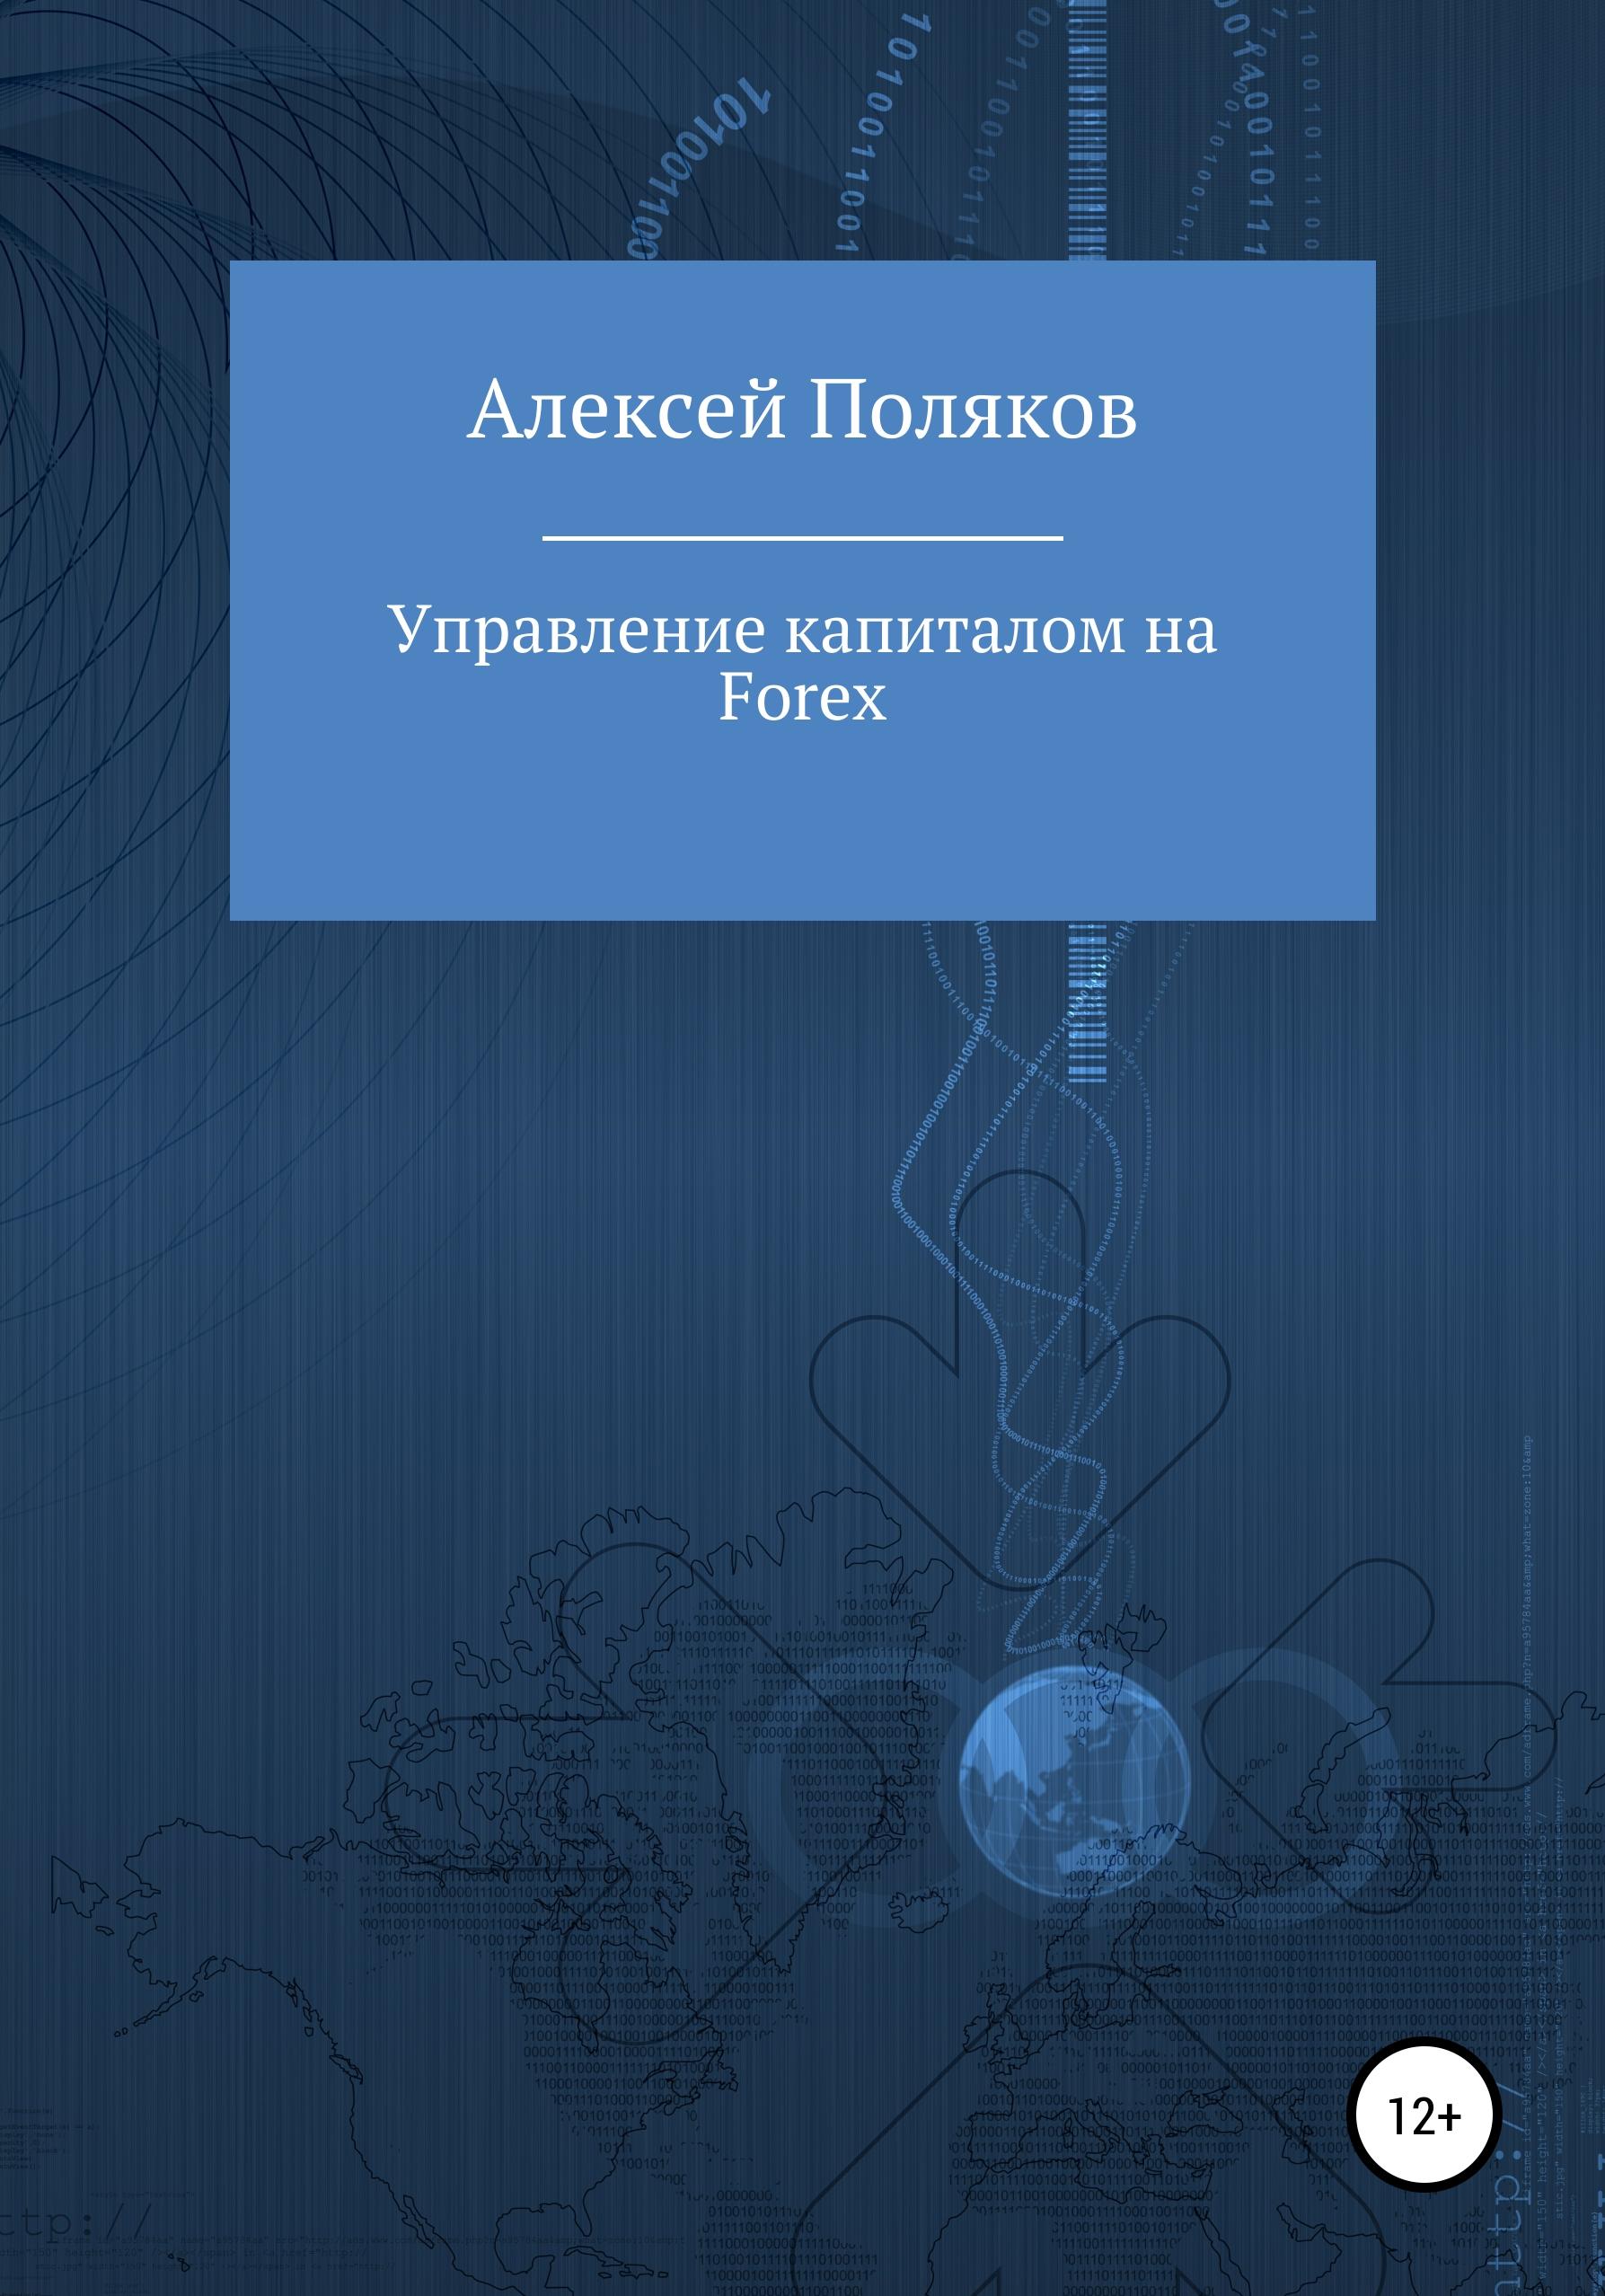 Обложка книги. Автор - Алексей Поляков